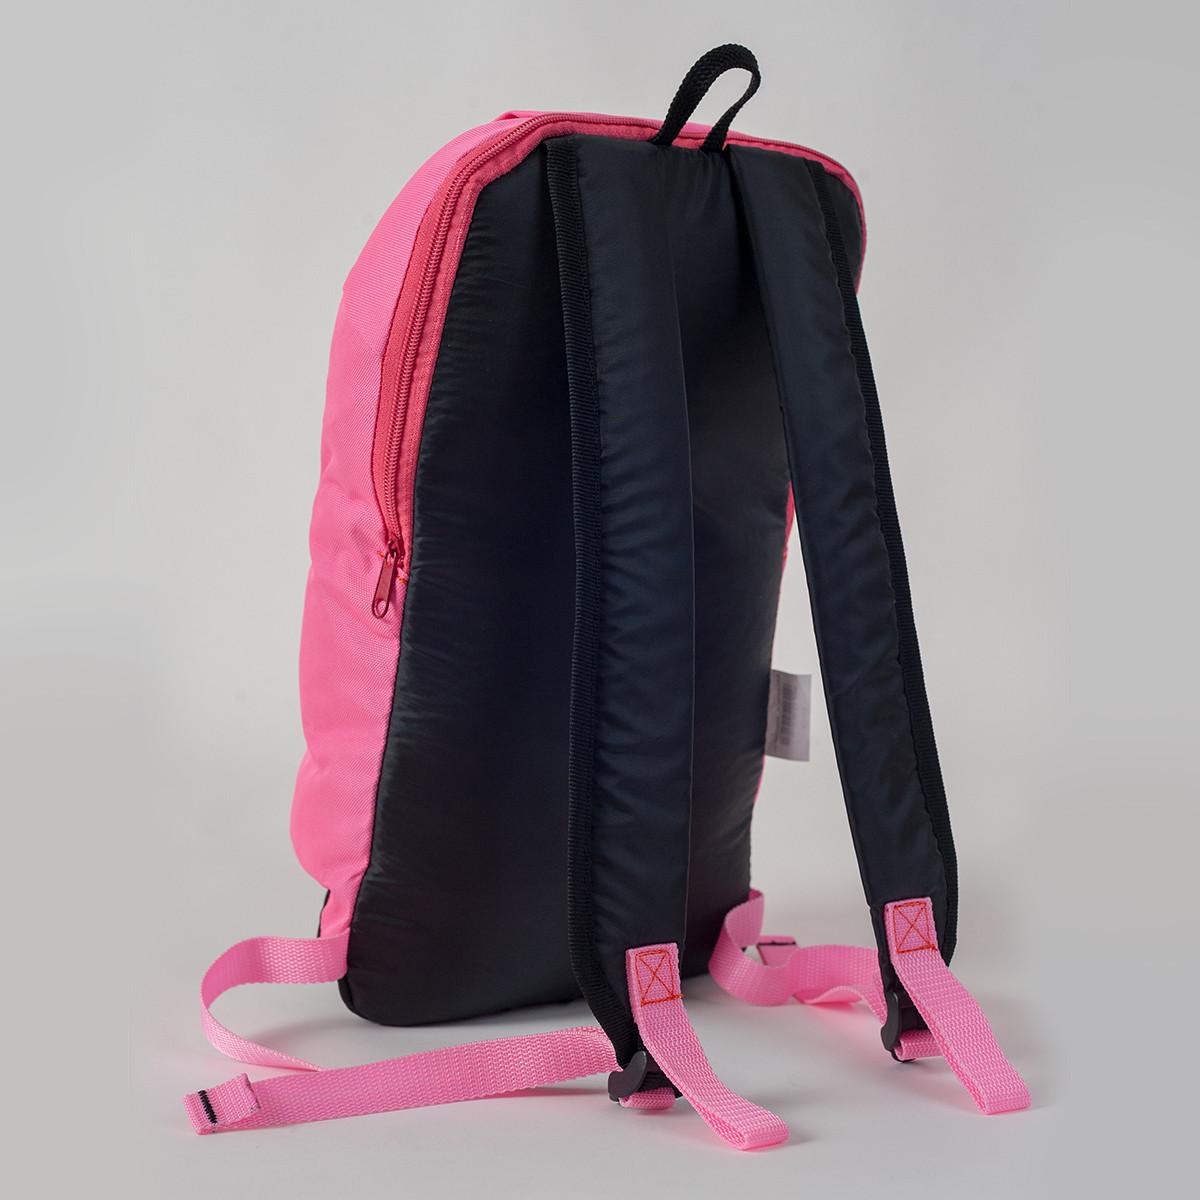 Спортивный рюкзак MAYERS 10L, светло-розовый + черный, фото 3